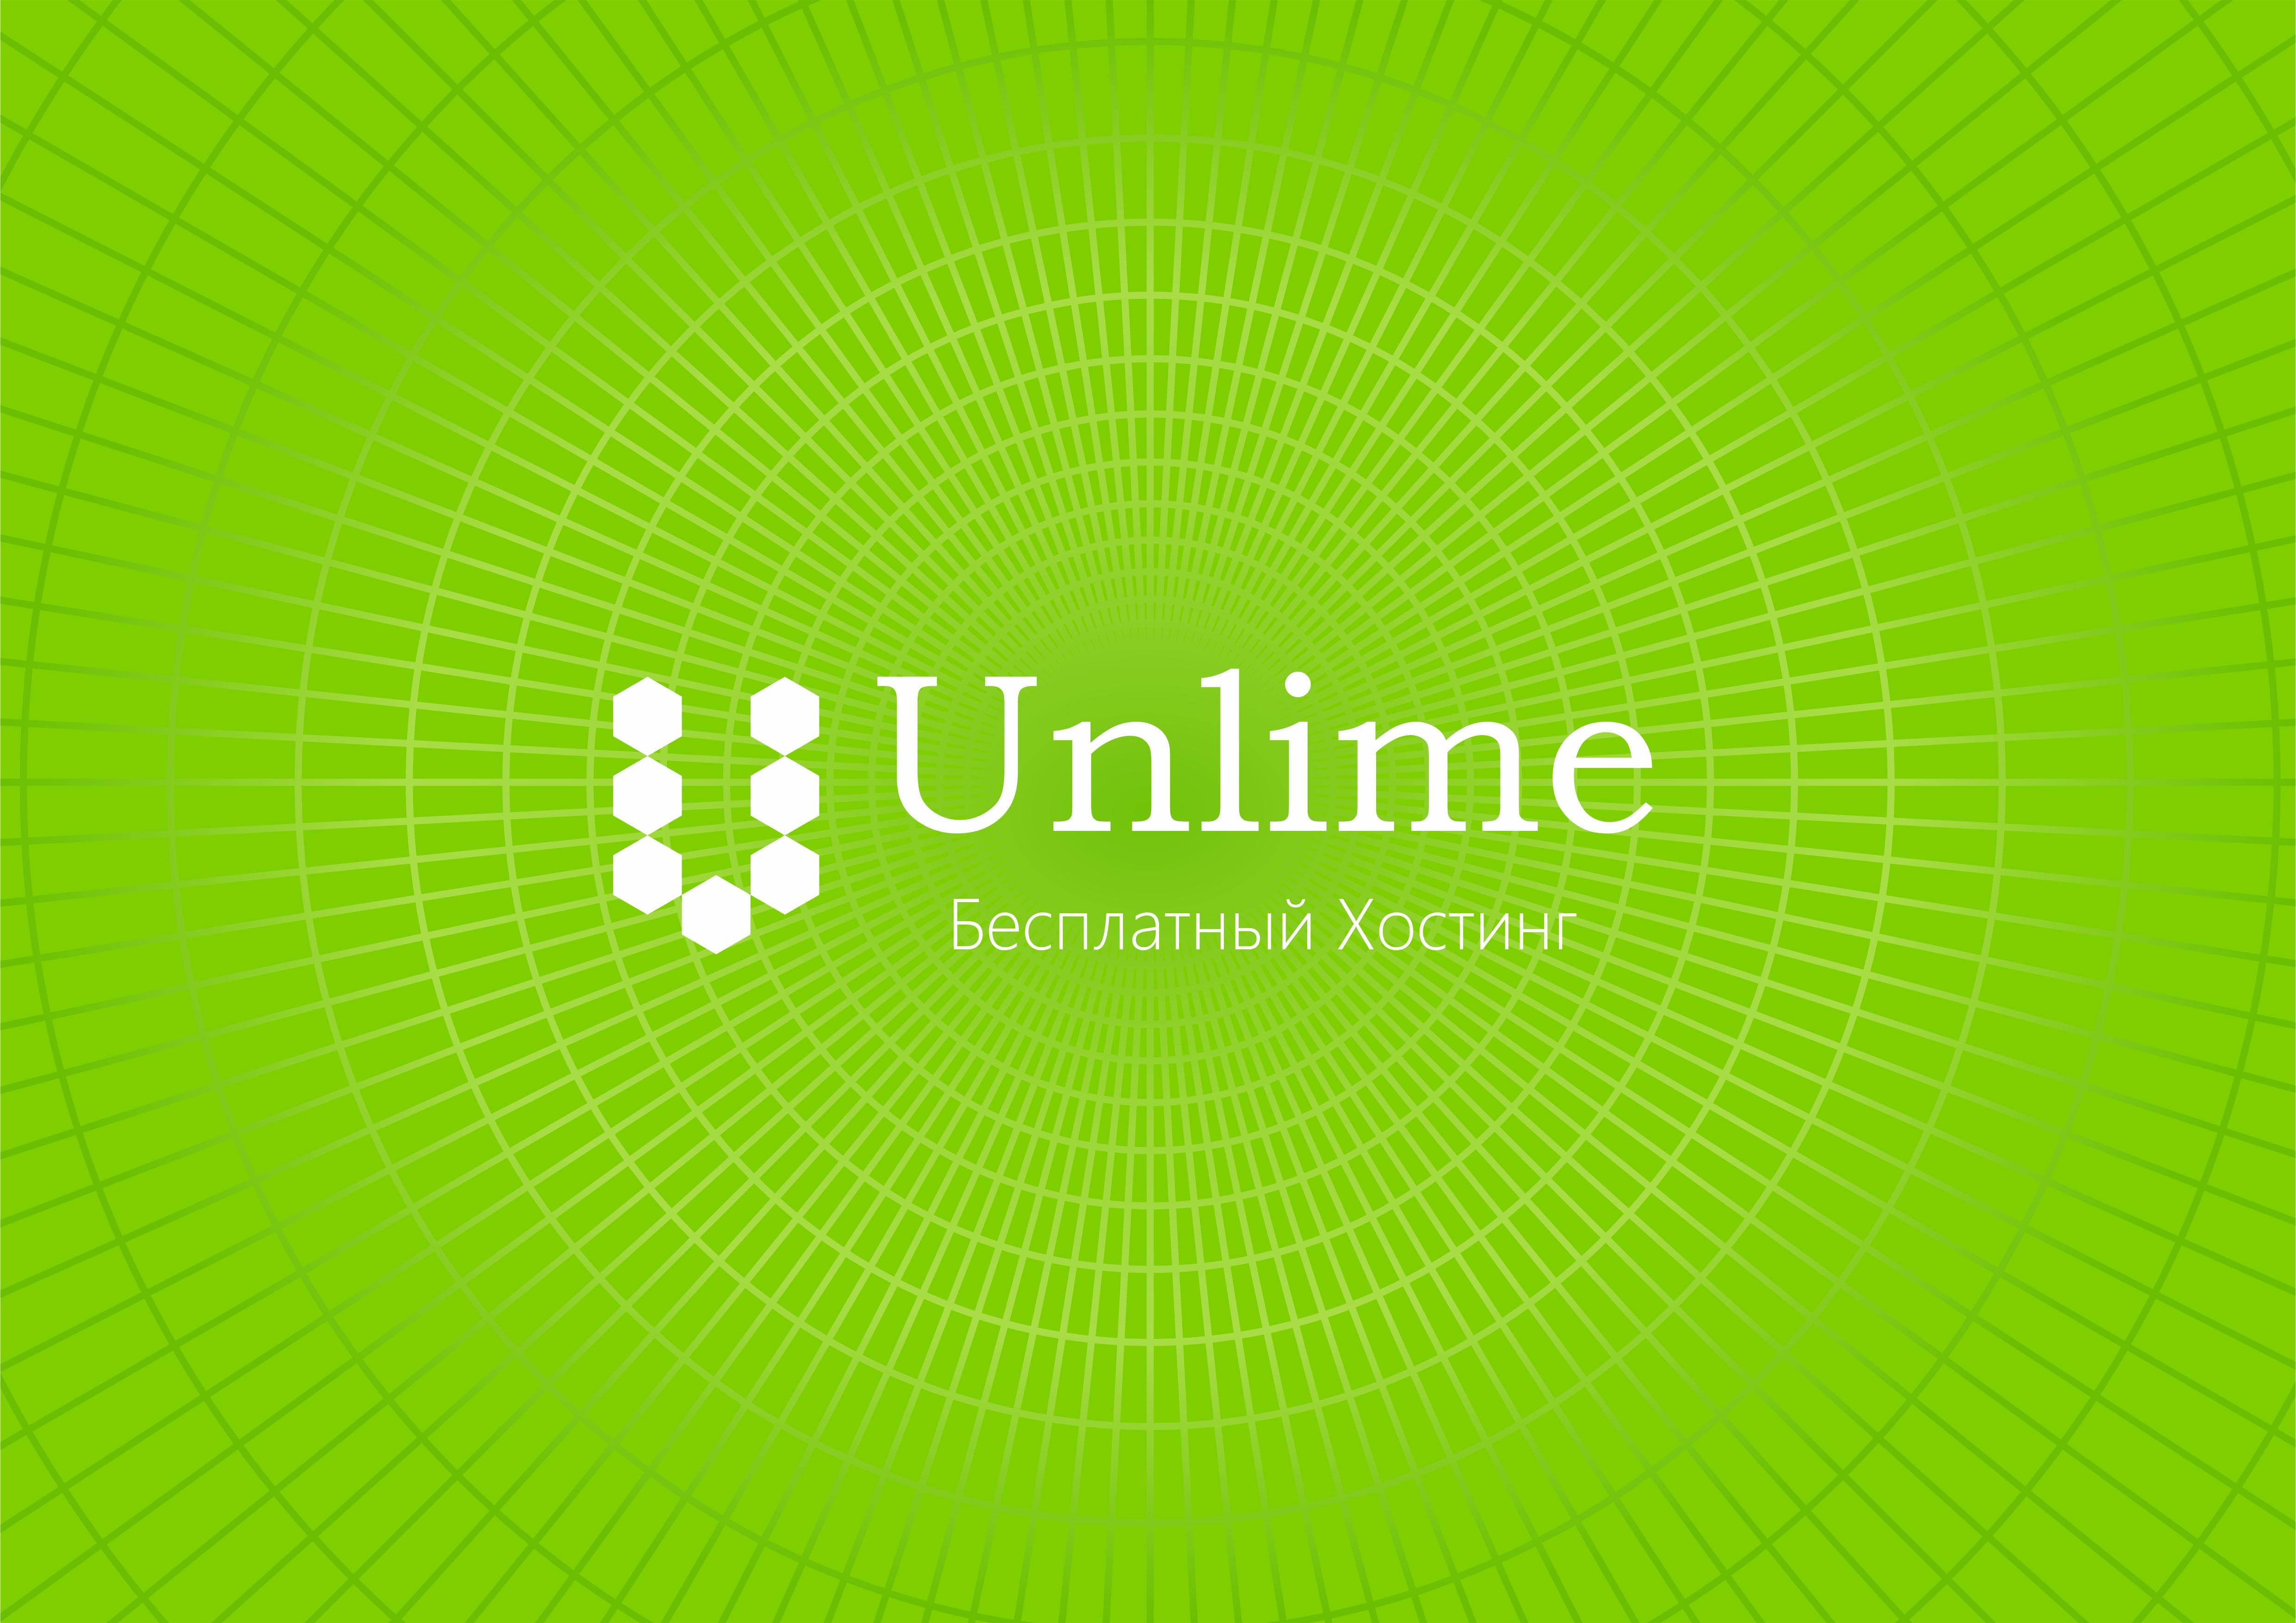 Разработка логотипа и фирменного стиля фото f_3995960e75ebbc1c.jpg